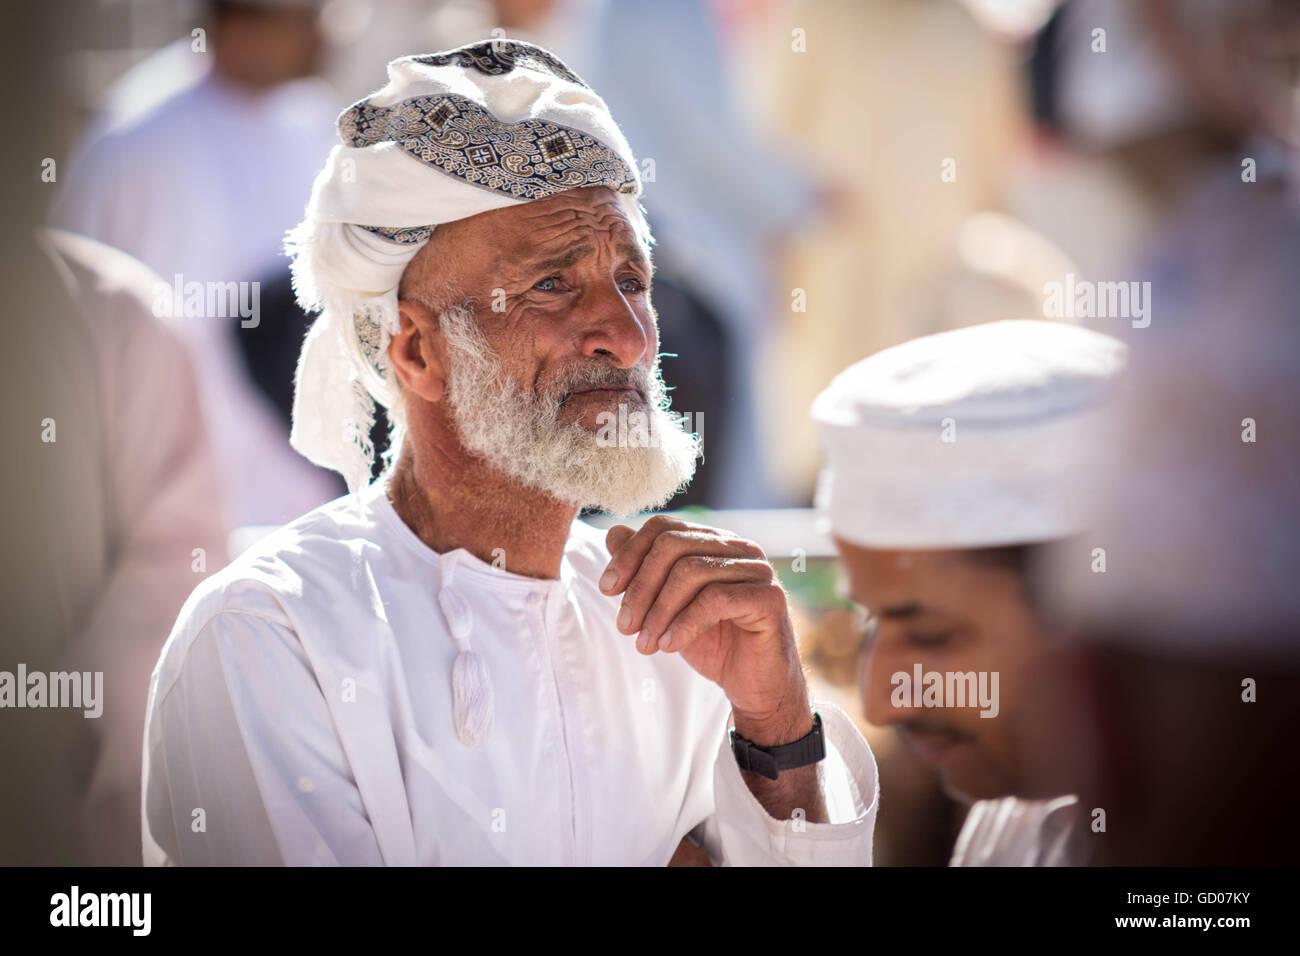 NIZWA, OMAN - le 24 avril 2015:Omani vieil homme au marché traditionnel ou dans le souk de Nizwa, Oman. Photo Stock